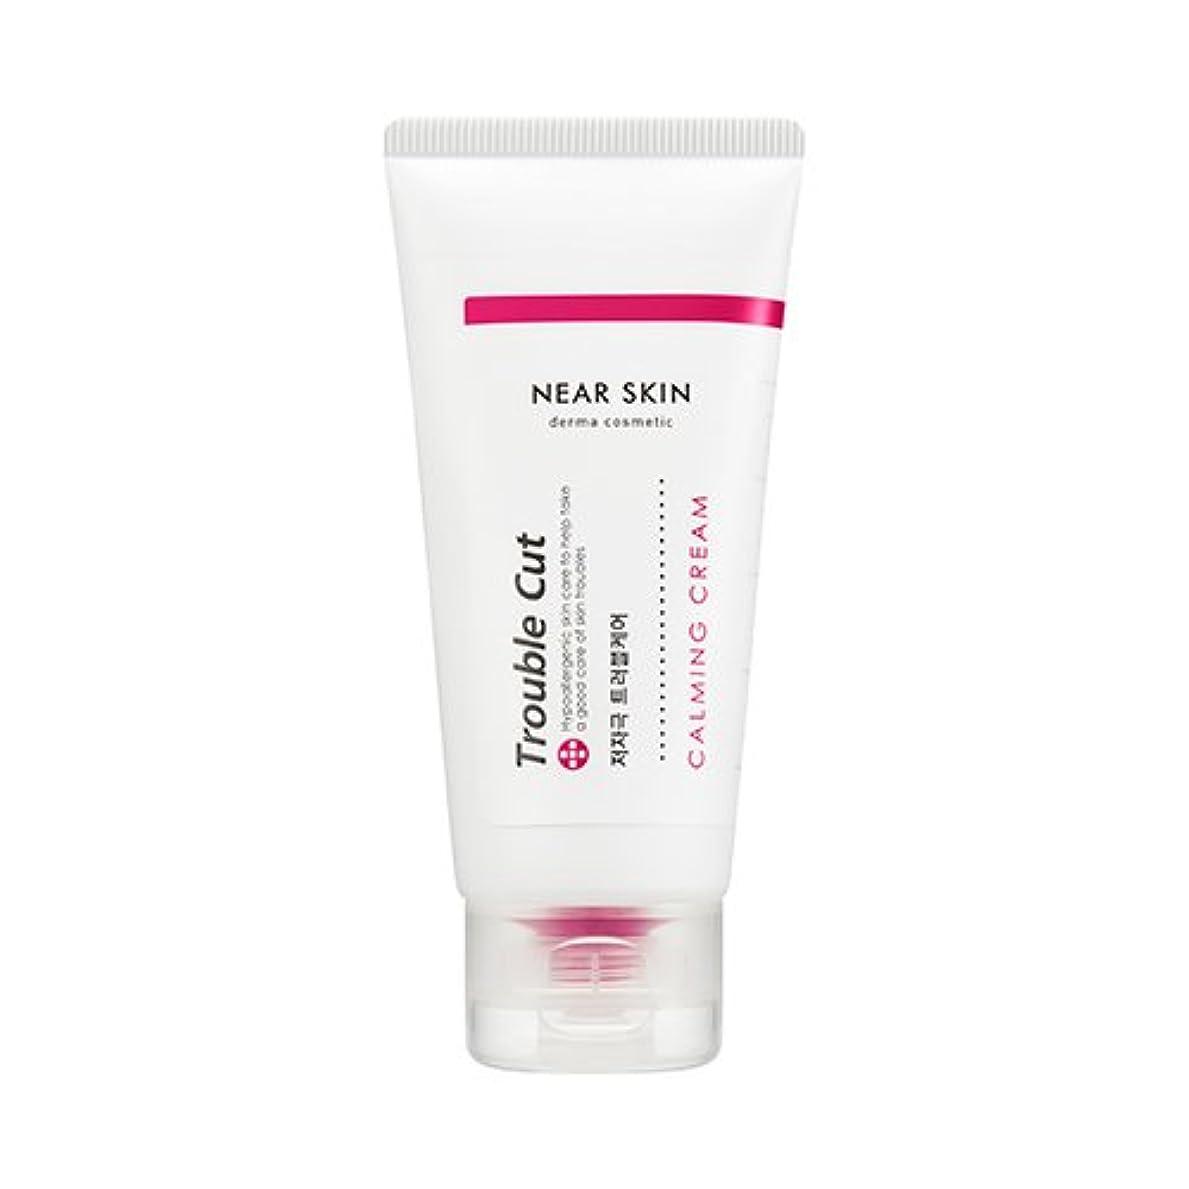 選出するうまくやる()厚さMISSHA [Near Skin] Trouble Cut Calming Cream 20ml / ミシャ ニアスキン トラブルカットカミングクリーム [並行輸入品]